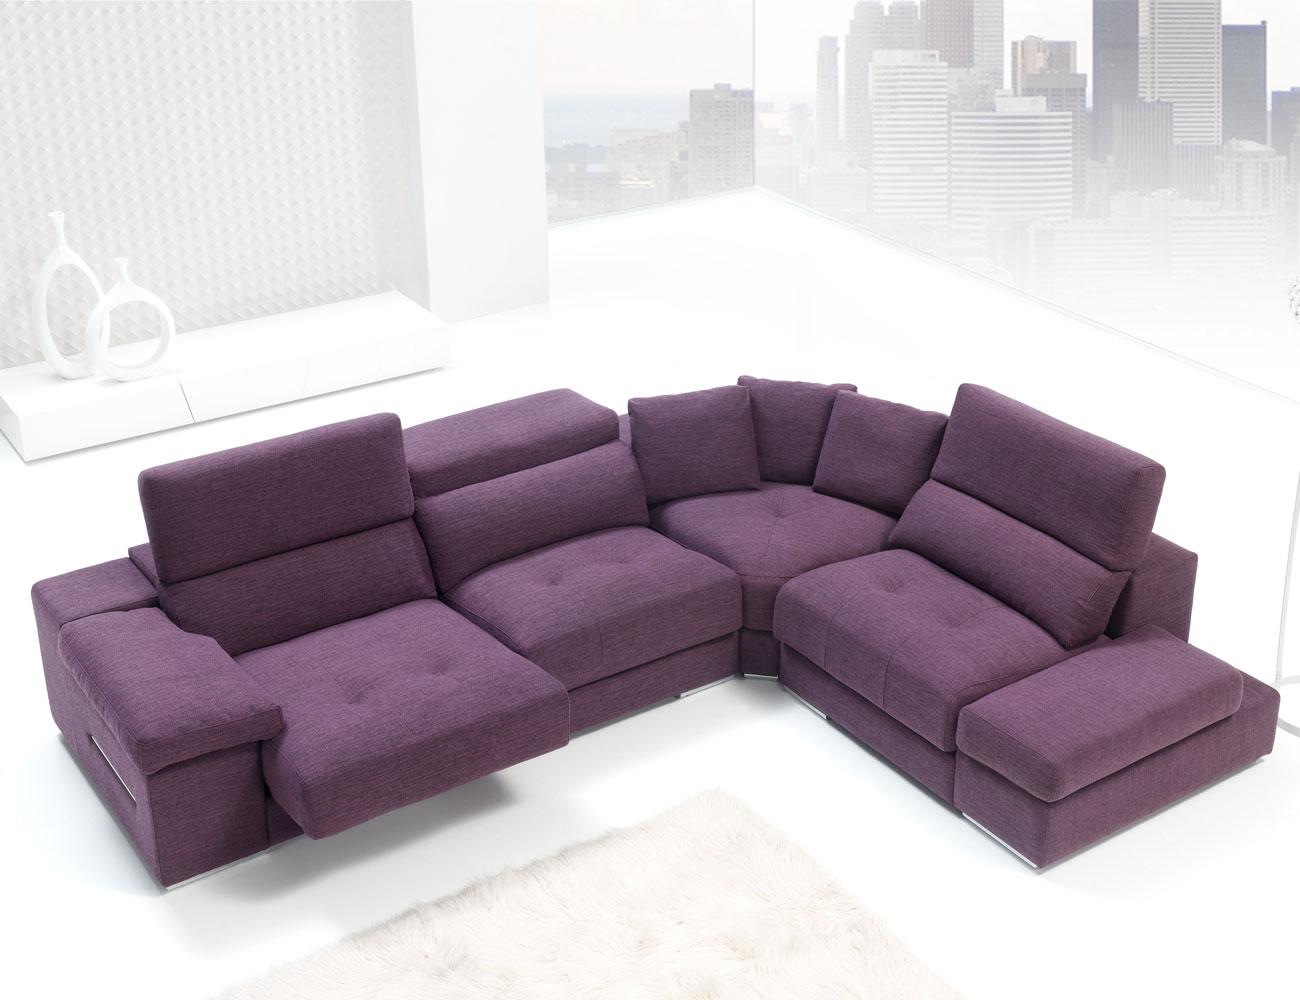 Sofa chaiselongue rincon con brazo mecanico tejido anti manchas 257